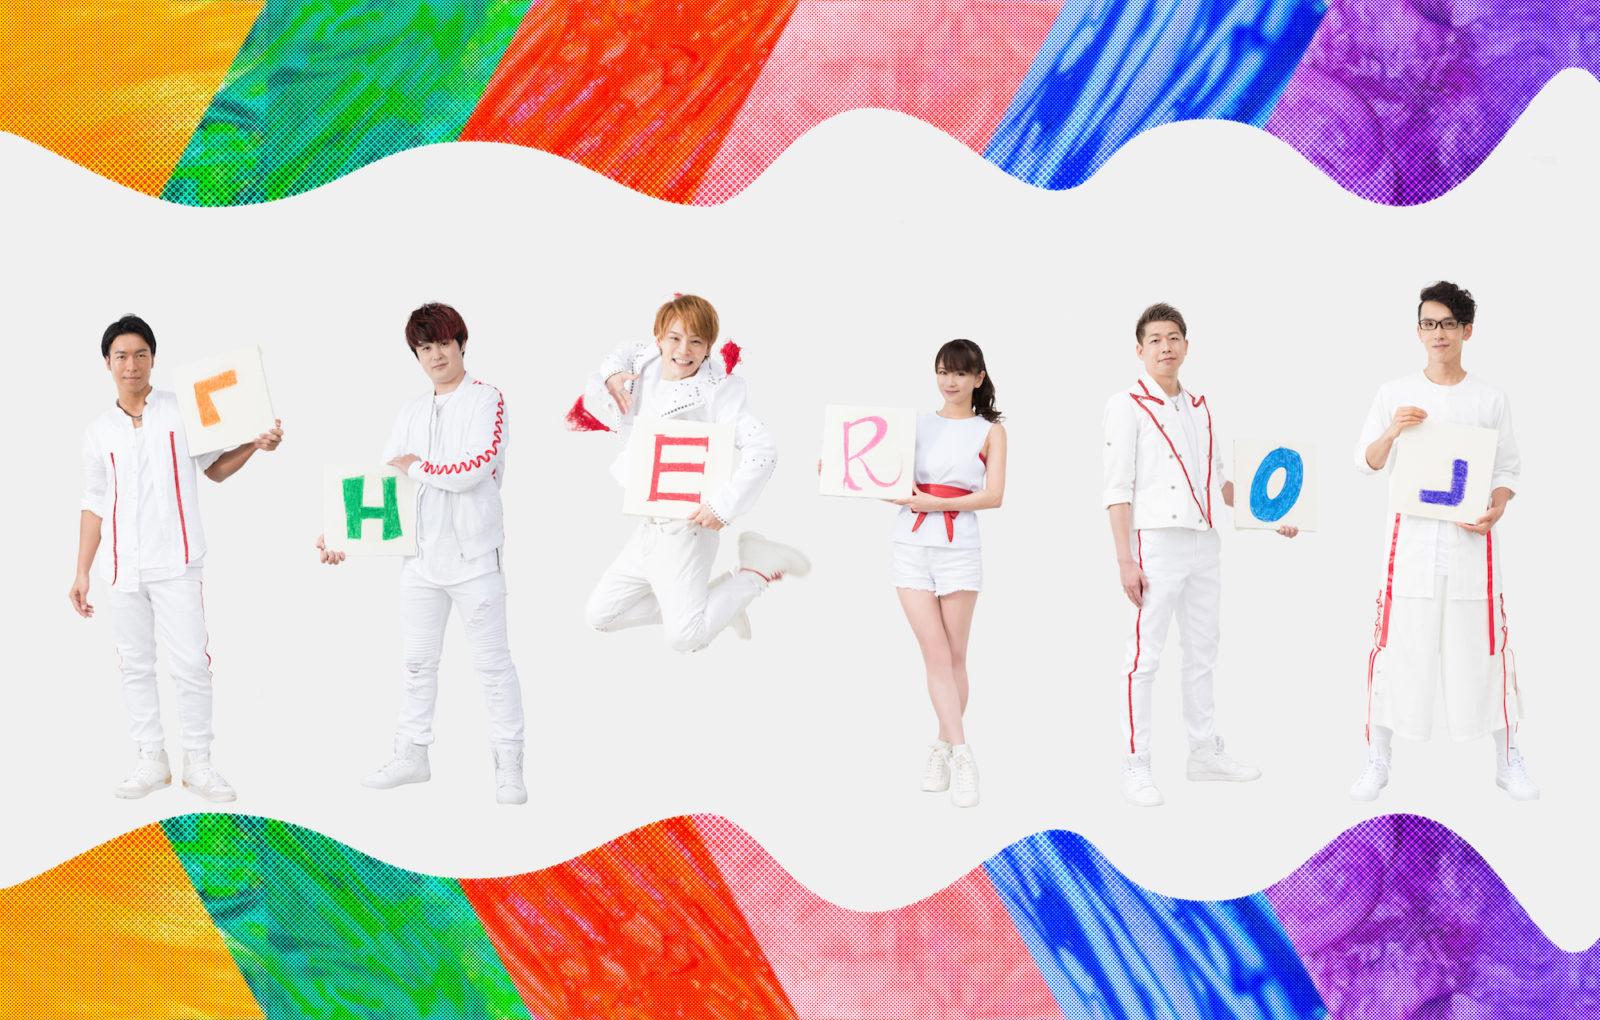 日本初のデフリンピック公認応援テーマソングが遂に完成!No.1レースクイーンと、話題の手話パフォーマンスグループHANDSIGNがコラボ。MVトレーラーが公開サムネイル画像